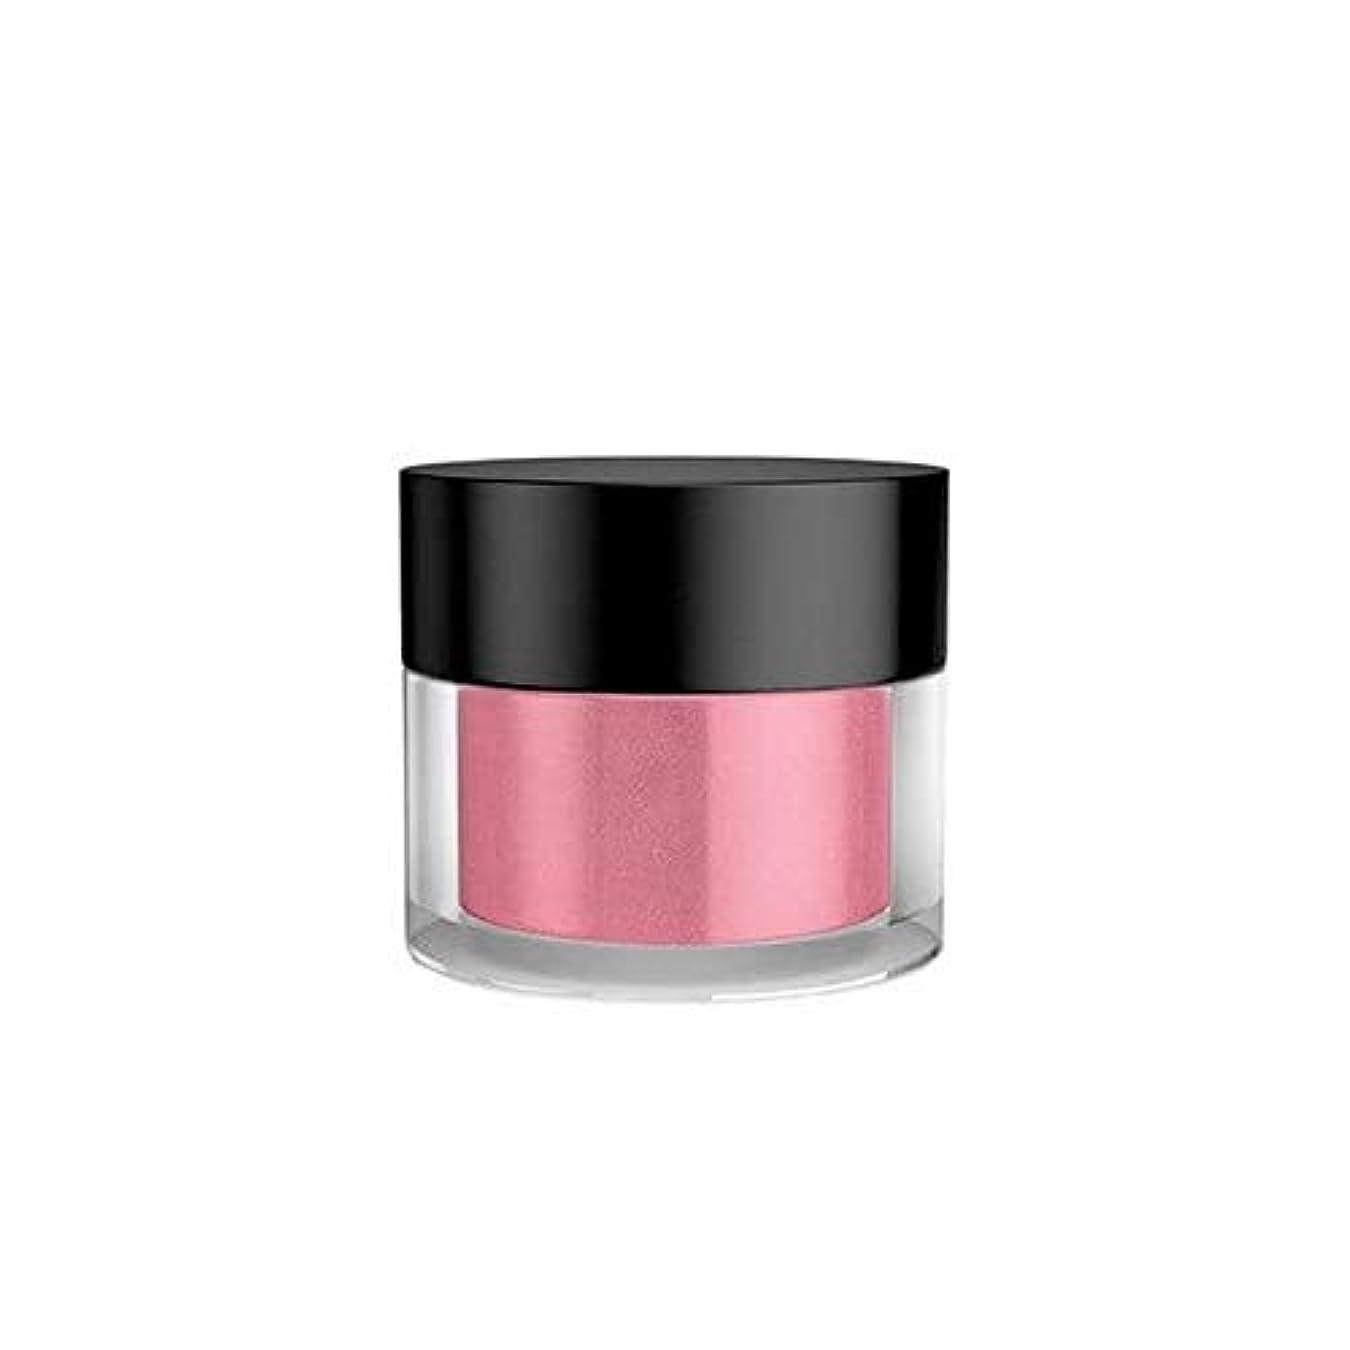 ロッカー強大な細分化する[GOSH ] おやっ効果粉末クロムは005をバラ - Gosh Effect Powder Chrome Rose 005 [並行輸入品]